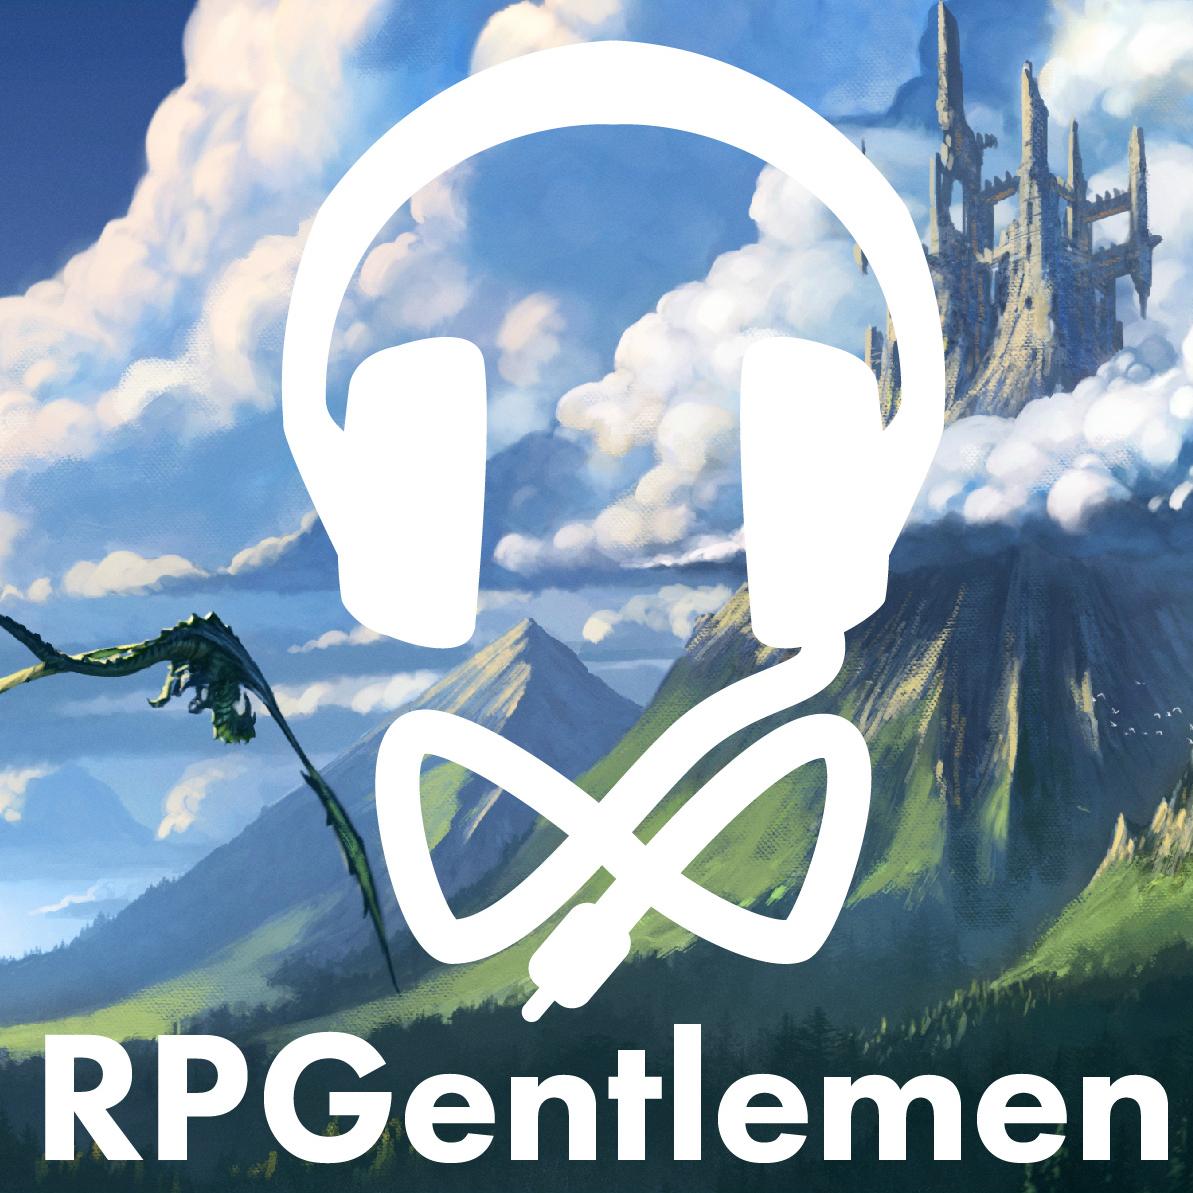 RPGentlemen